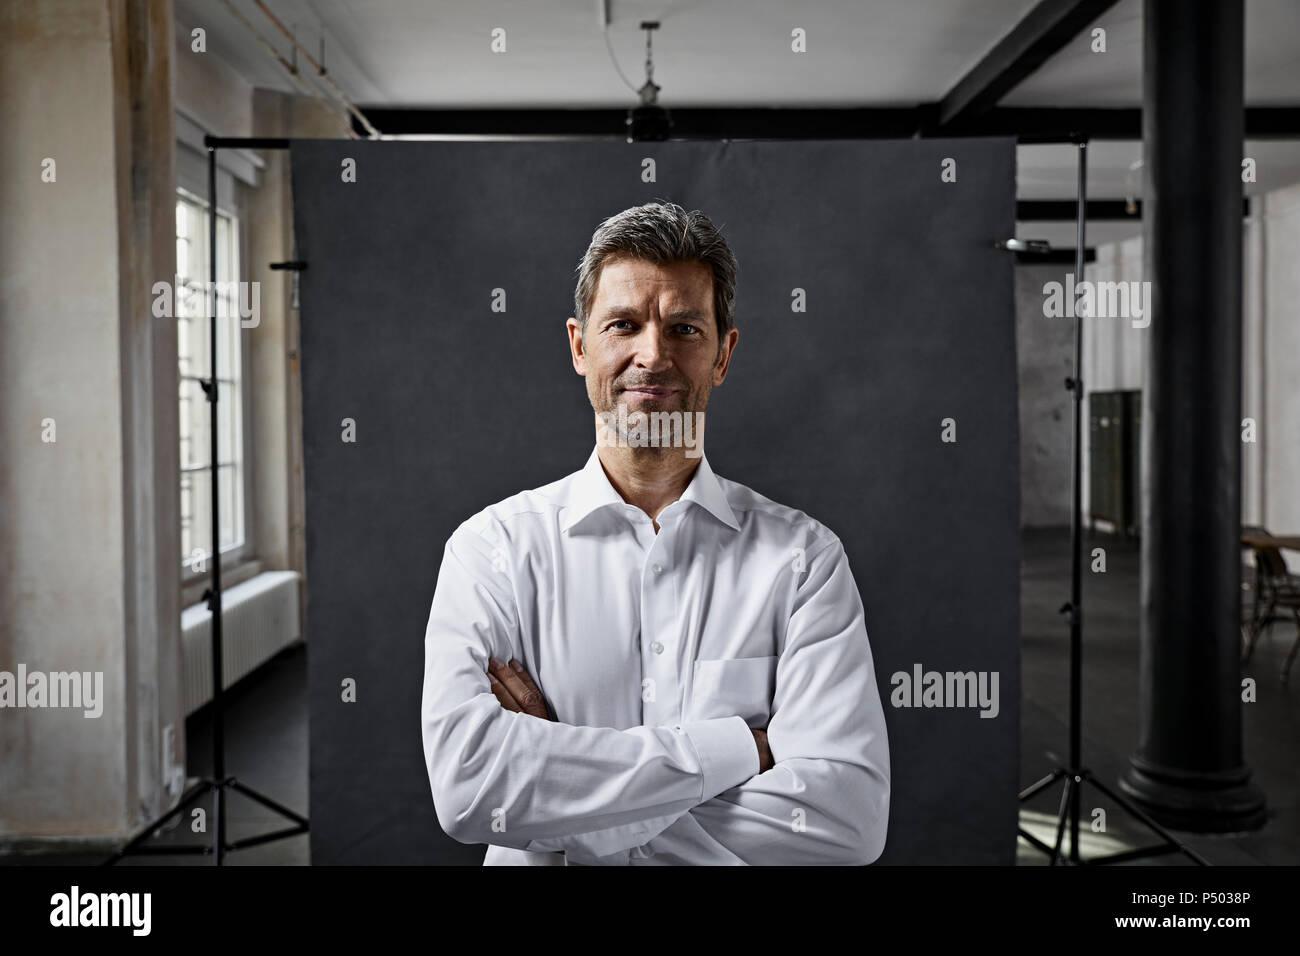 Ritratto di imprenditore maturo di fronte a sfondo nero in mansarda Immagini Stock